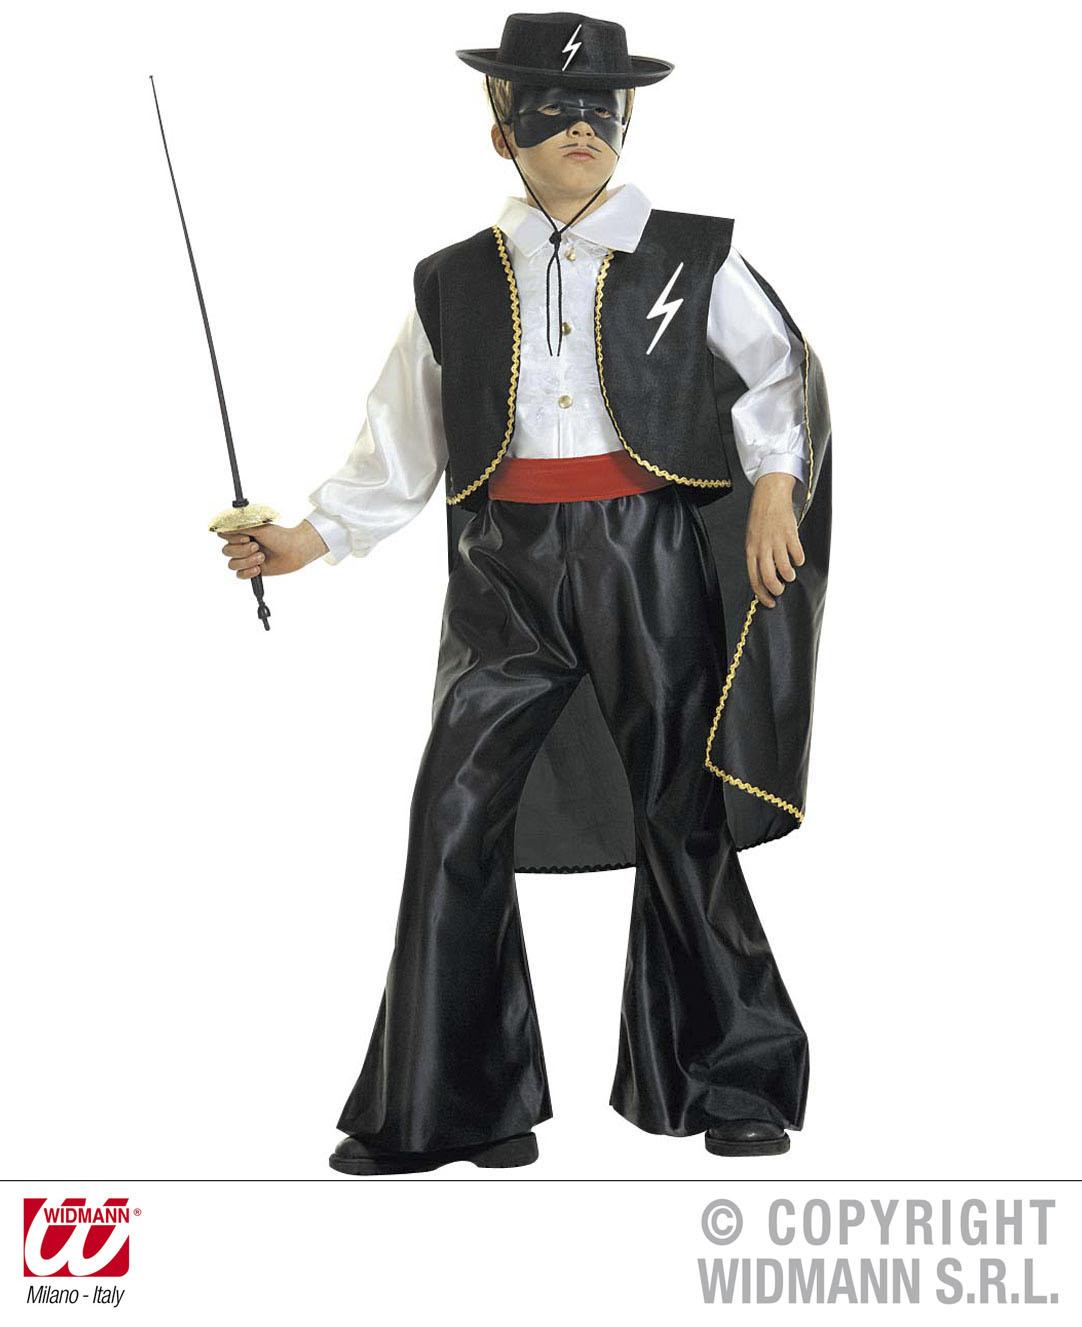 Kinder Zorro Kostüm Maskierter Schurke Ganove Outfit Bis 158cm